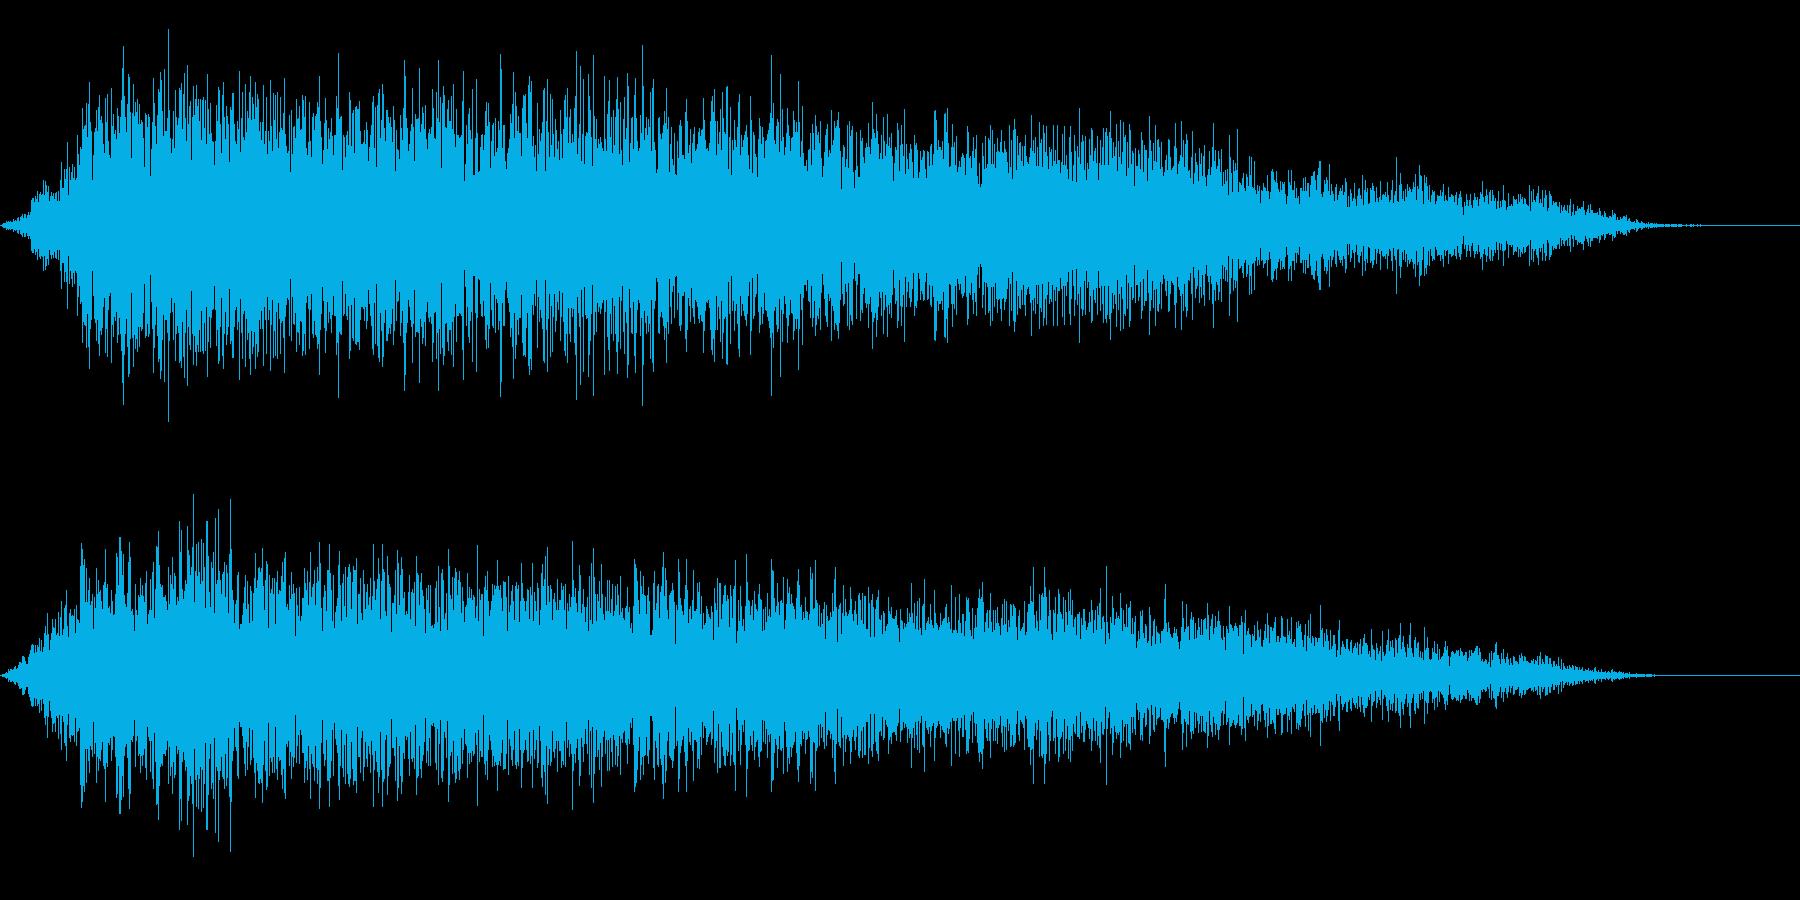 兵士の出陣の閧の声の再生済みの波形